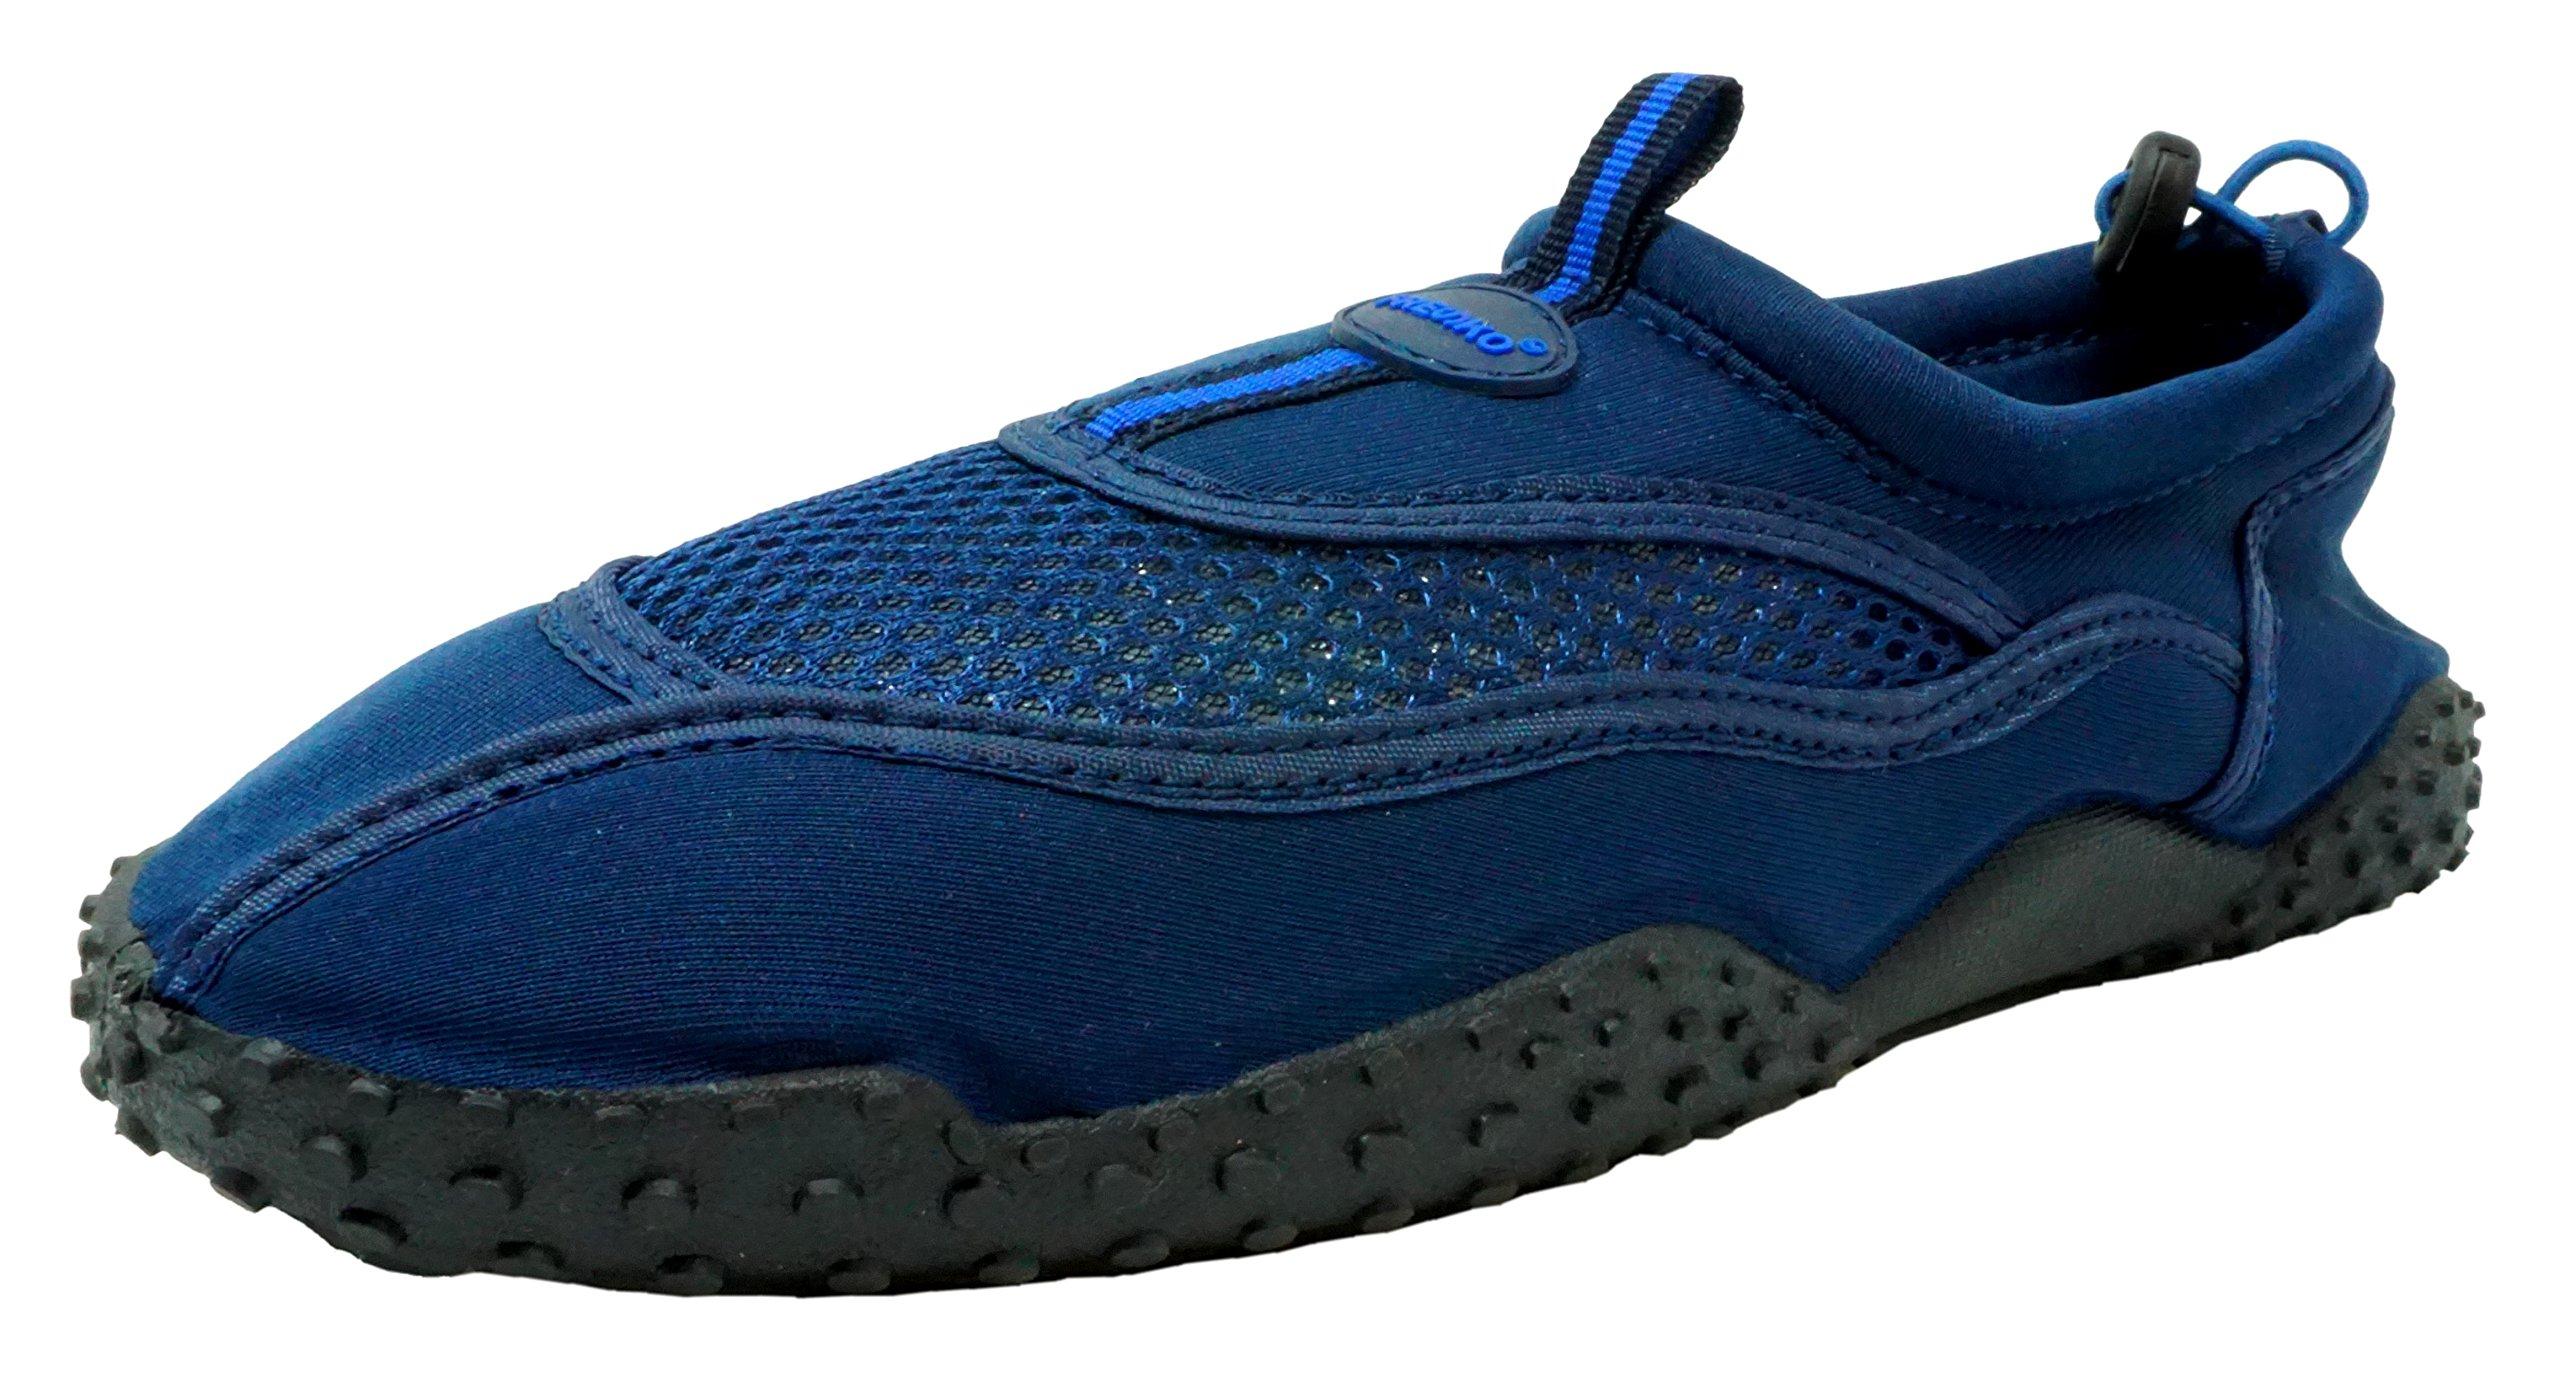 Fresko Men's Water Shoes, M2001, Navy, 10 M US